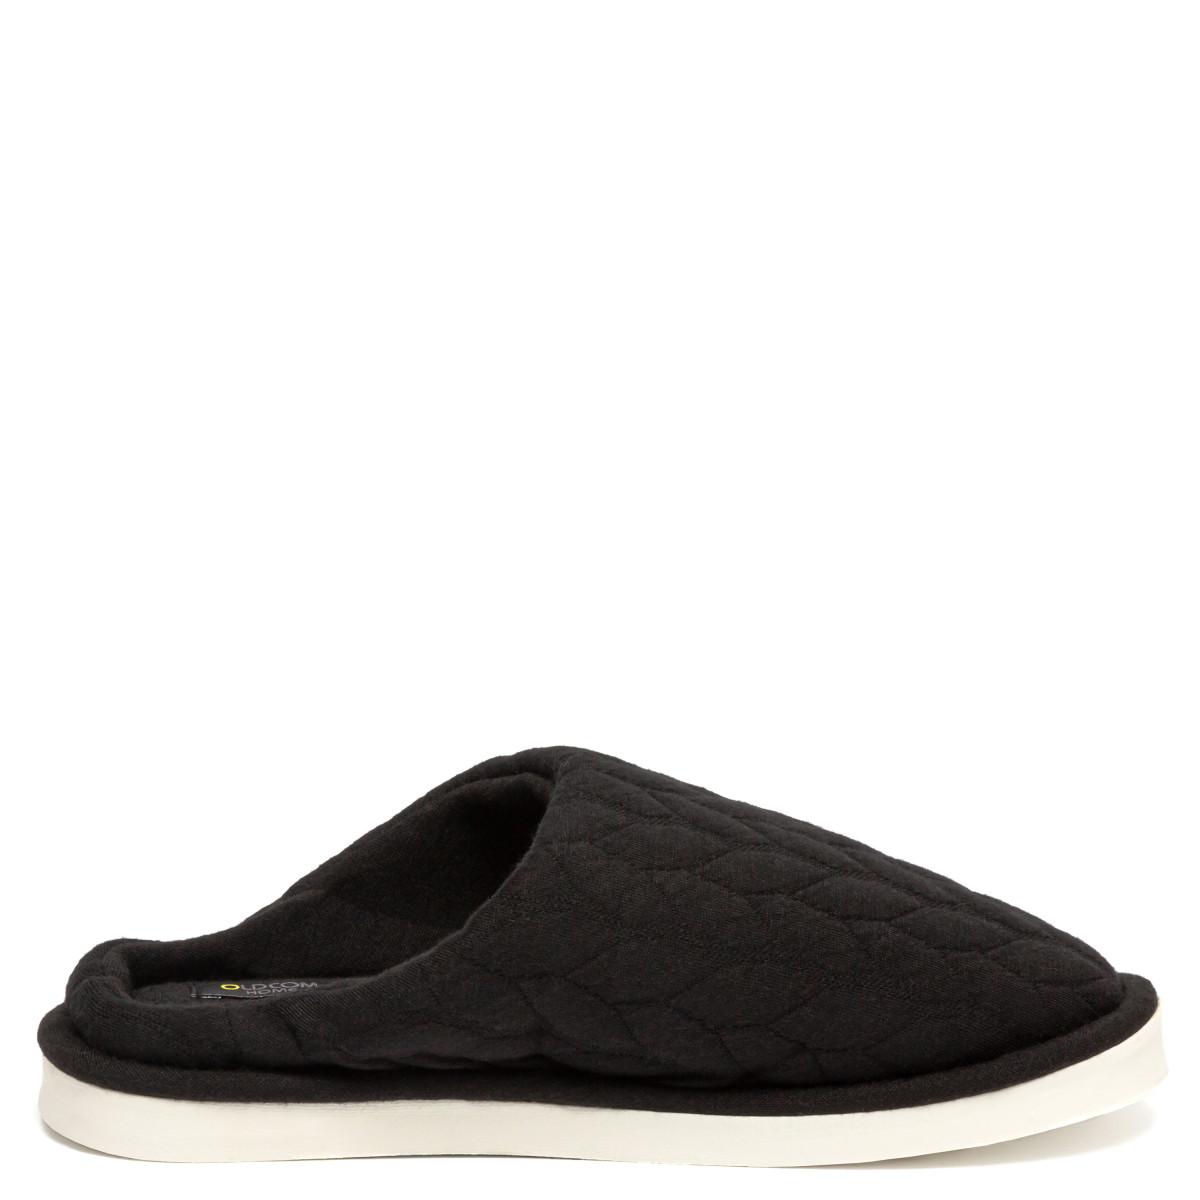 Women's Home slippers FAMILY, Black